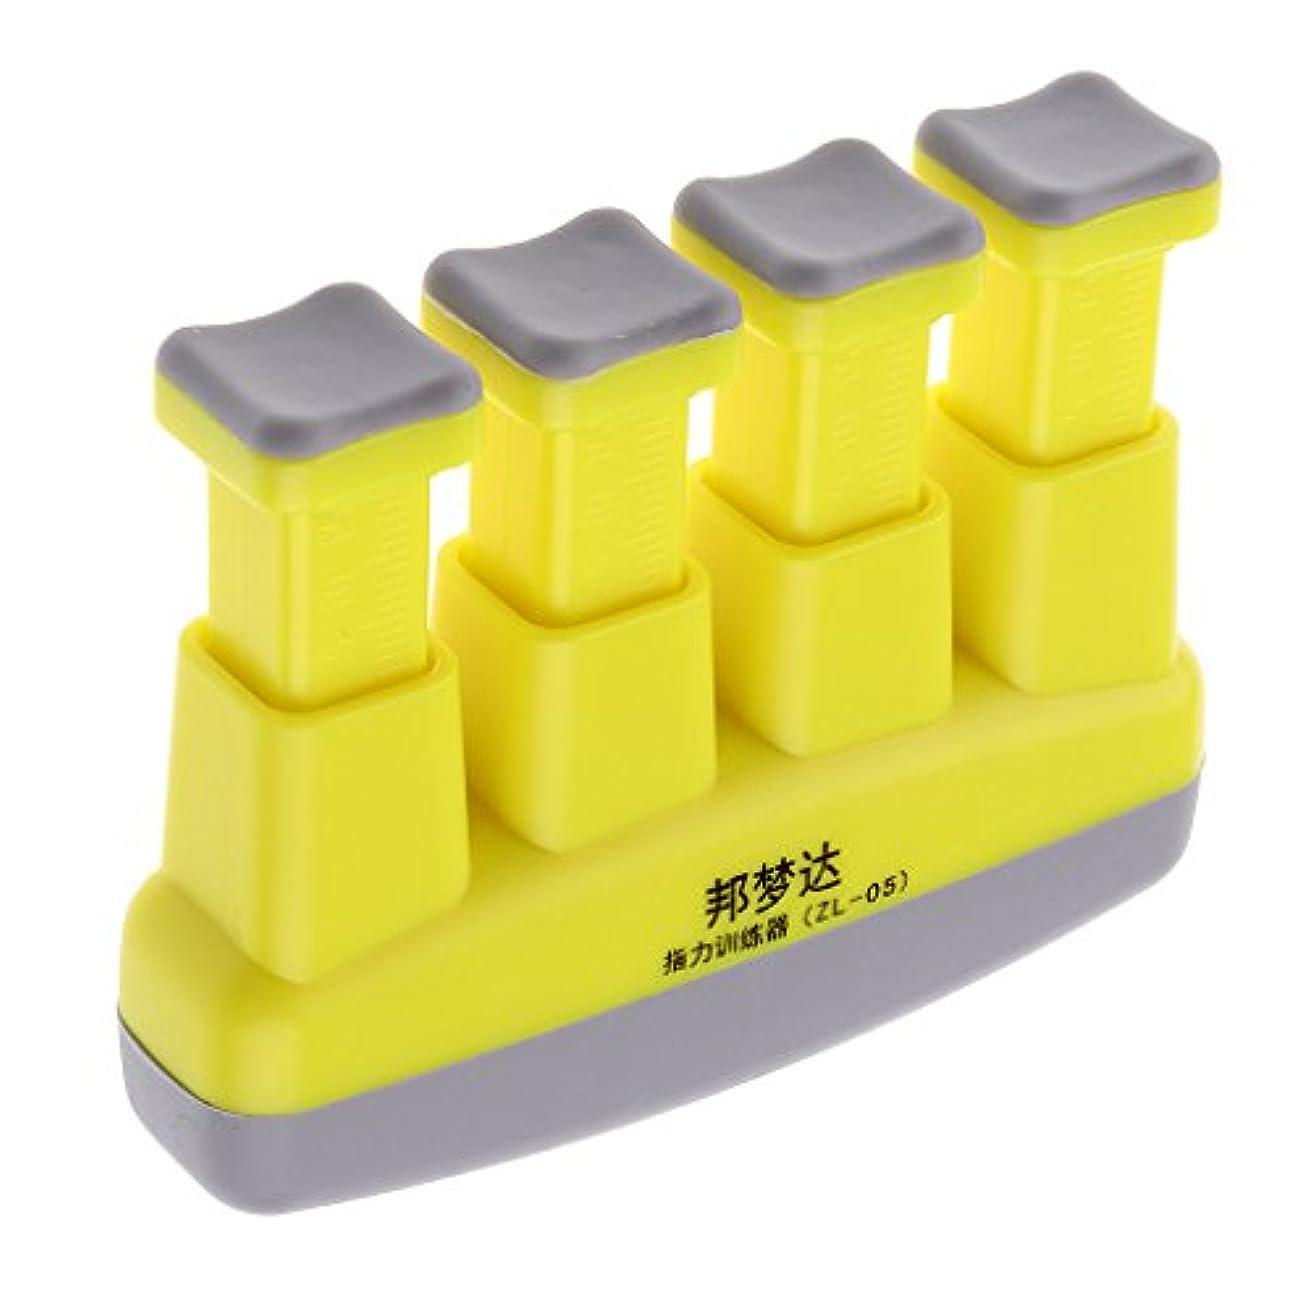 ハーブ絶望的な不屈ハンドグリップ エクササイザ 4-6ポンド 調節可 ハンド 手首 腕 グリップ グリッパー 黄色 ABS +シリコン